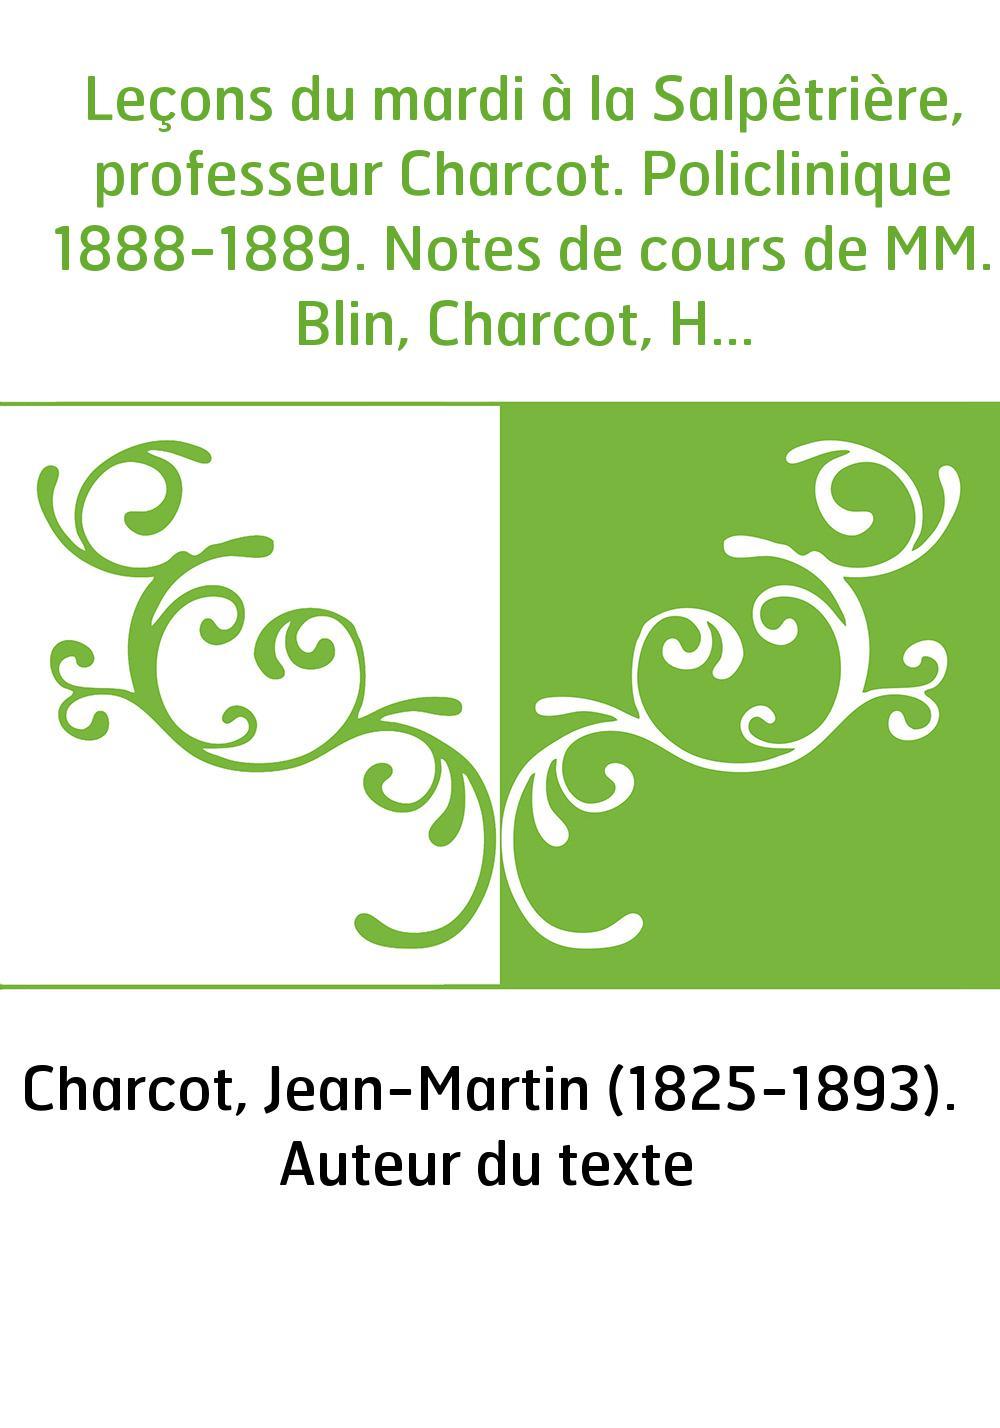 Leçons du mardi à la Salpêtrière, professeur Charcot. Policlinique 1888-1889. Notes de cours de MM. Blin, Charcot, Henri Colin,.